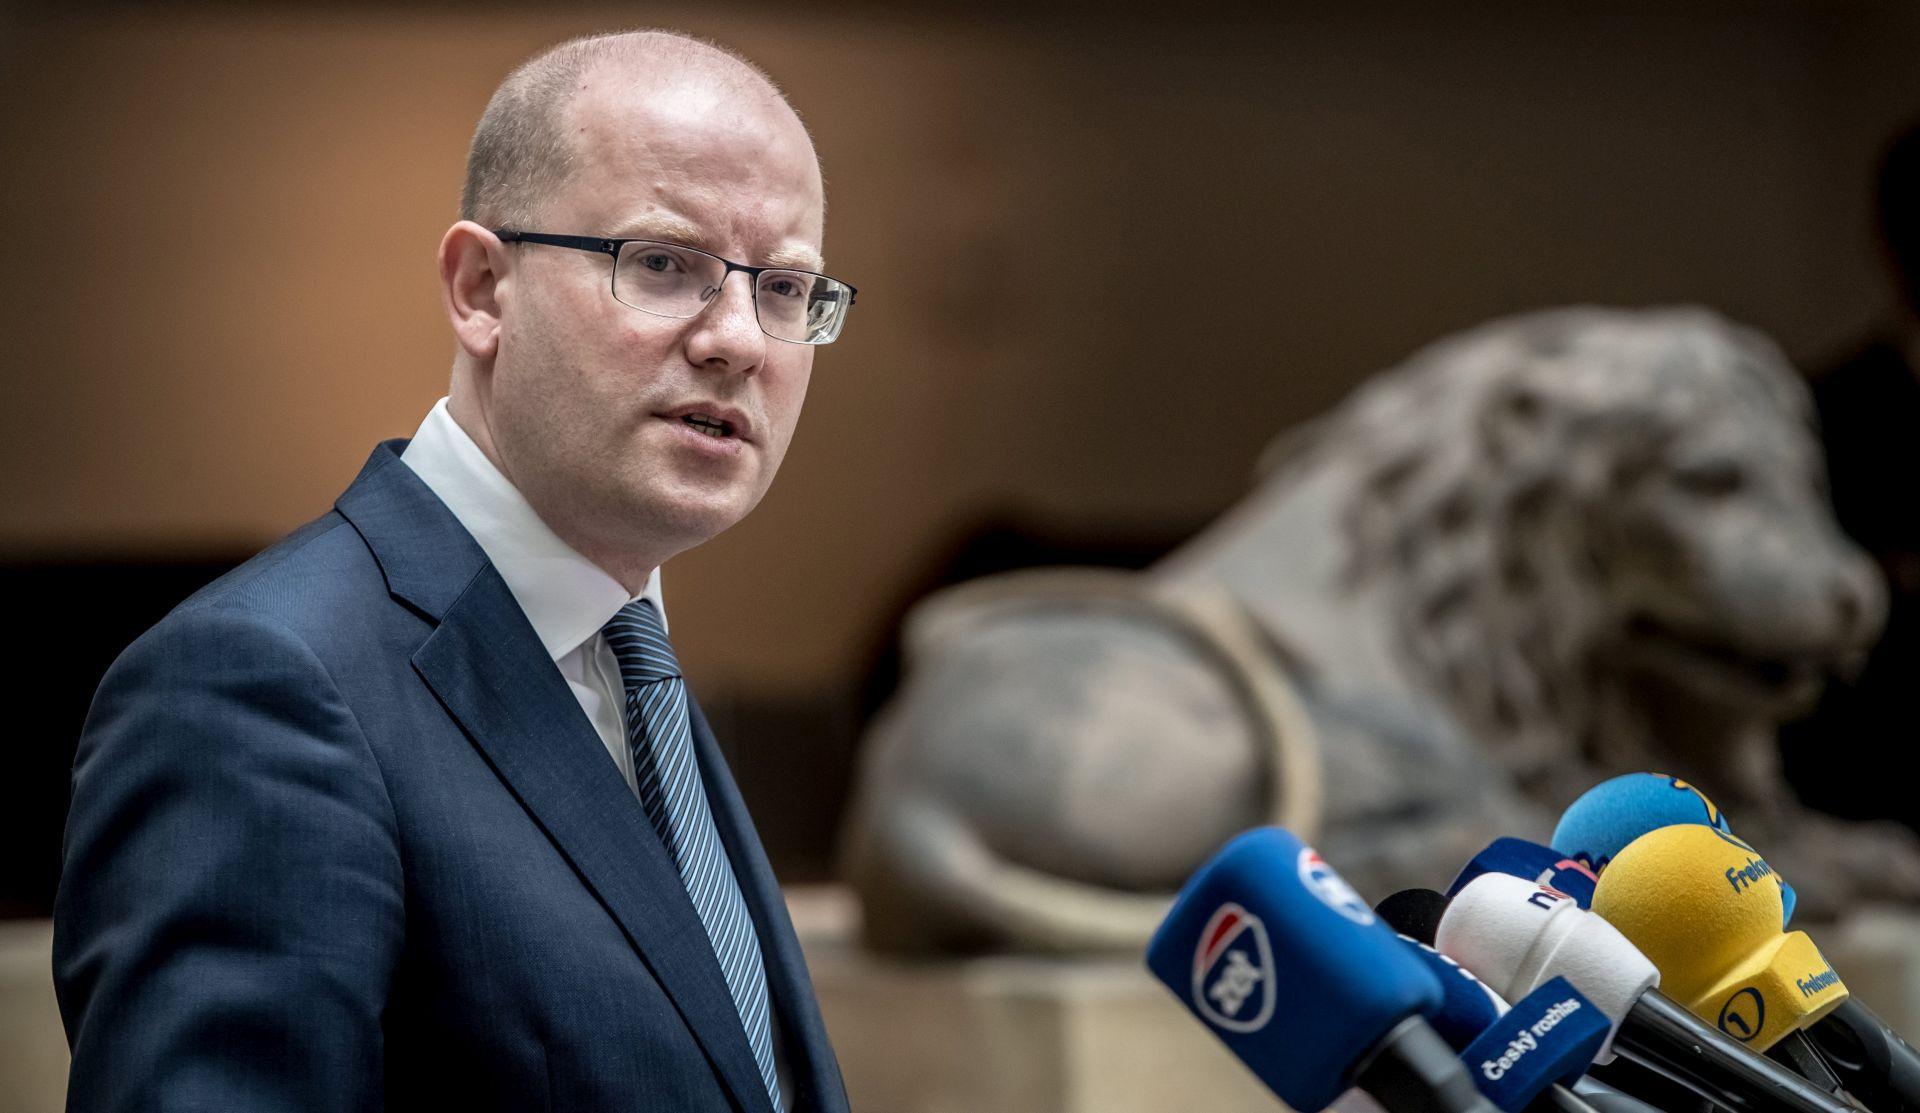 Sobotka odgodio formalnu ostavku vlade do druge polovice mjeseca